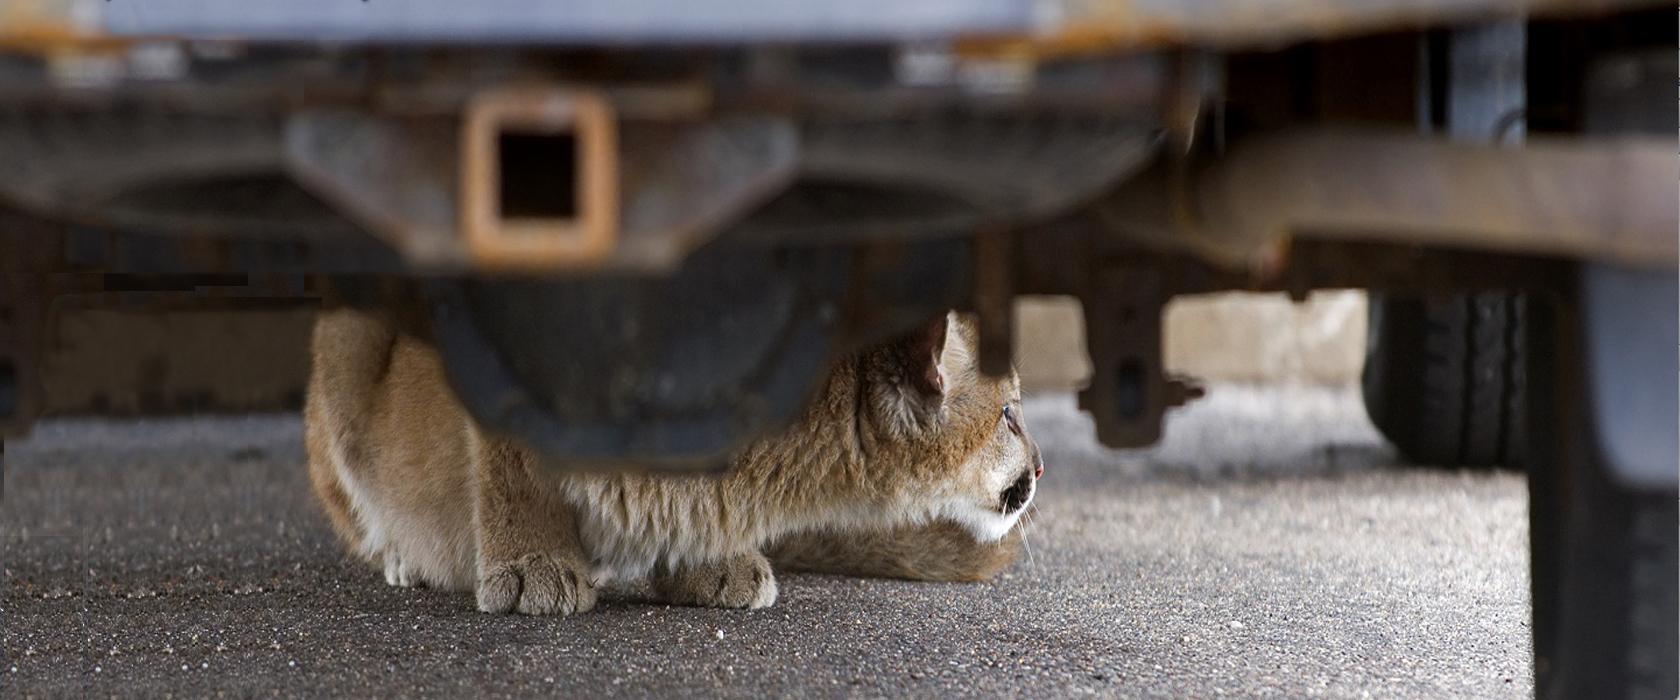 Mt Lion under car